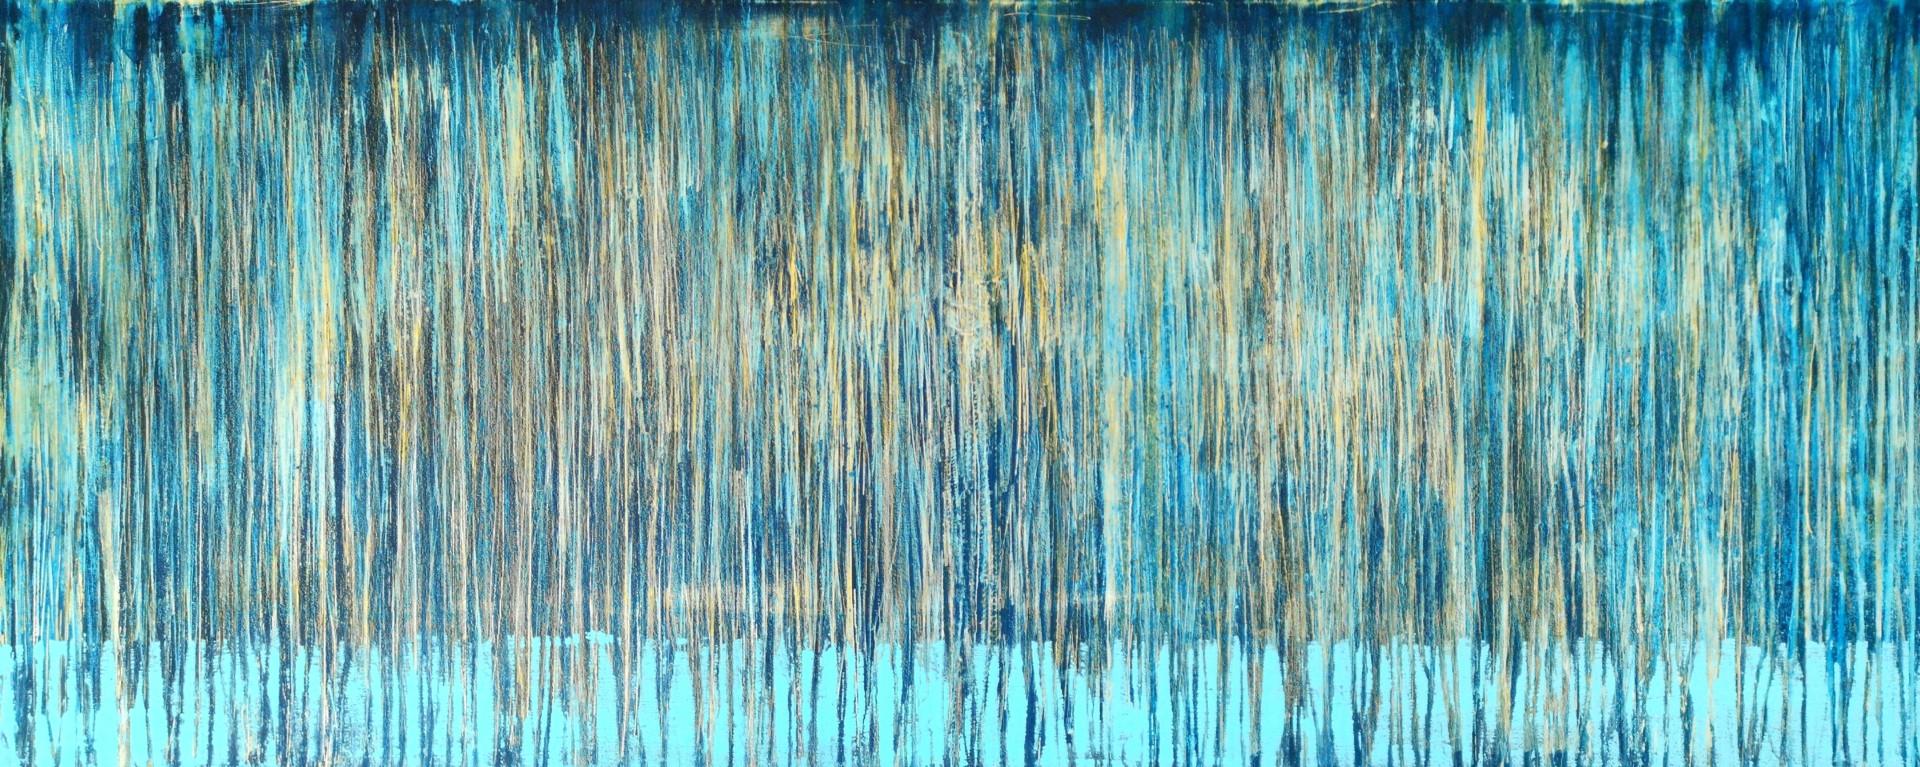 Carla Sá Fernandes - A Crush on Blue (#16)